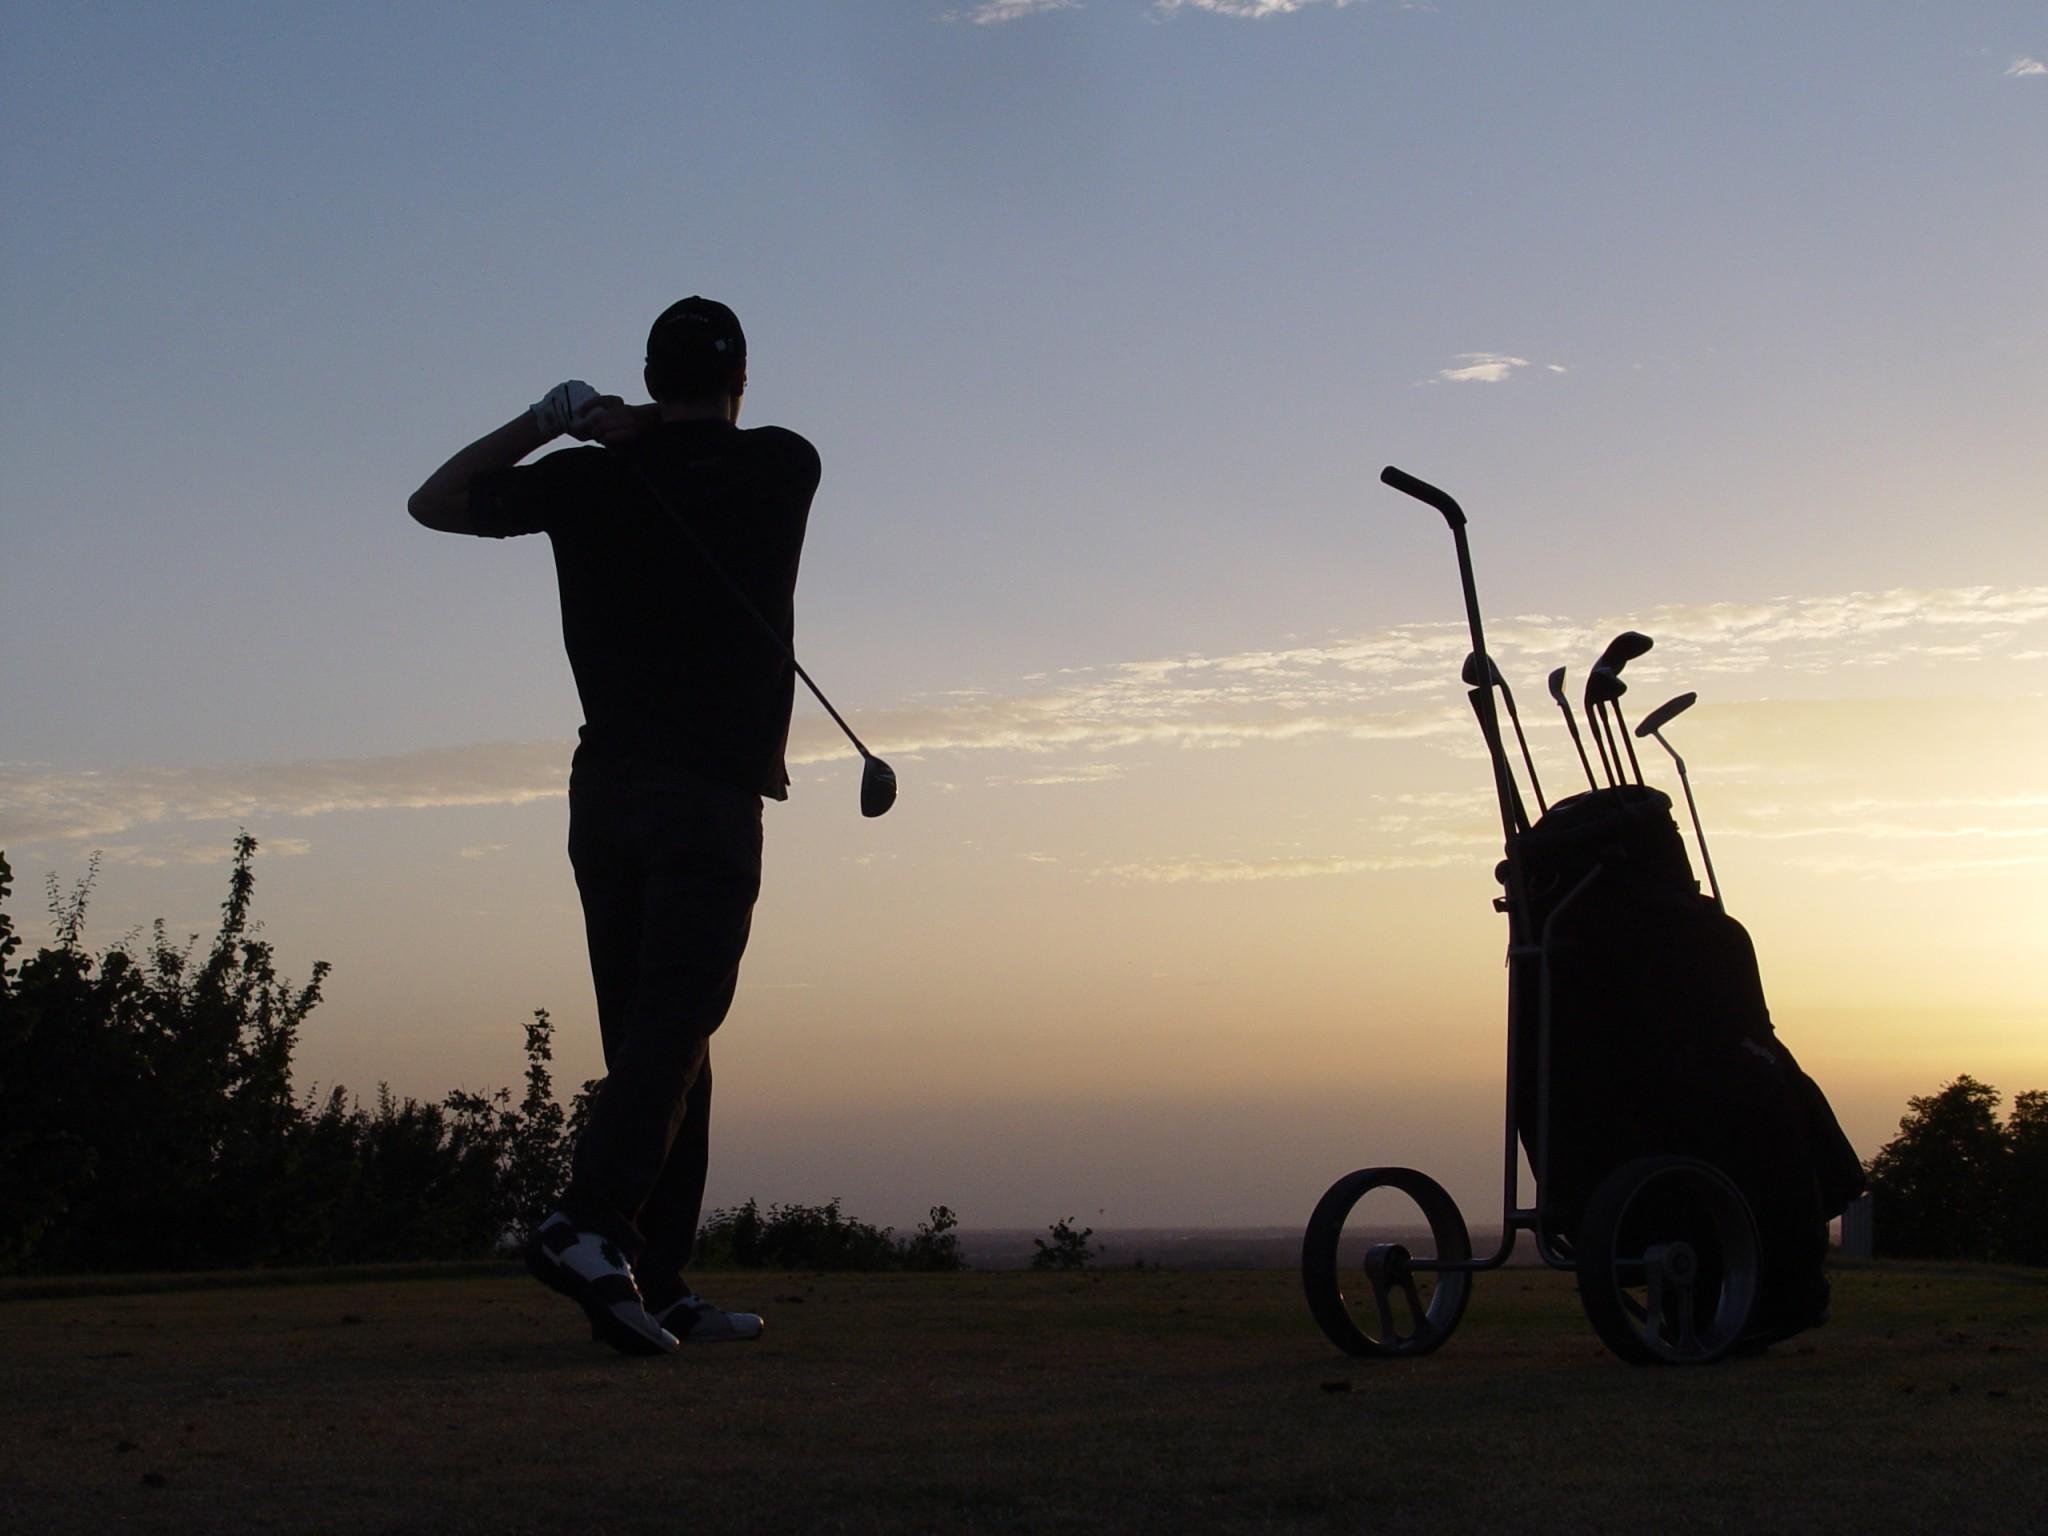 Edelstahl Golf Trolley Ferro